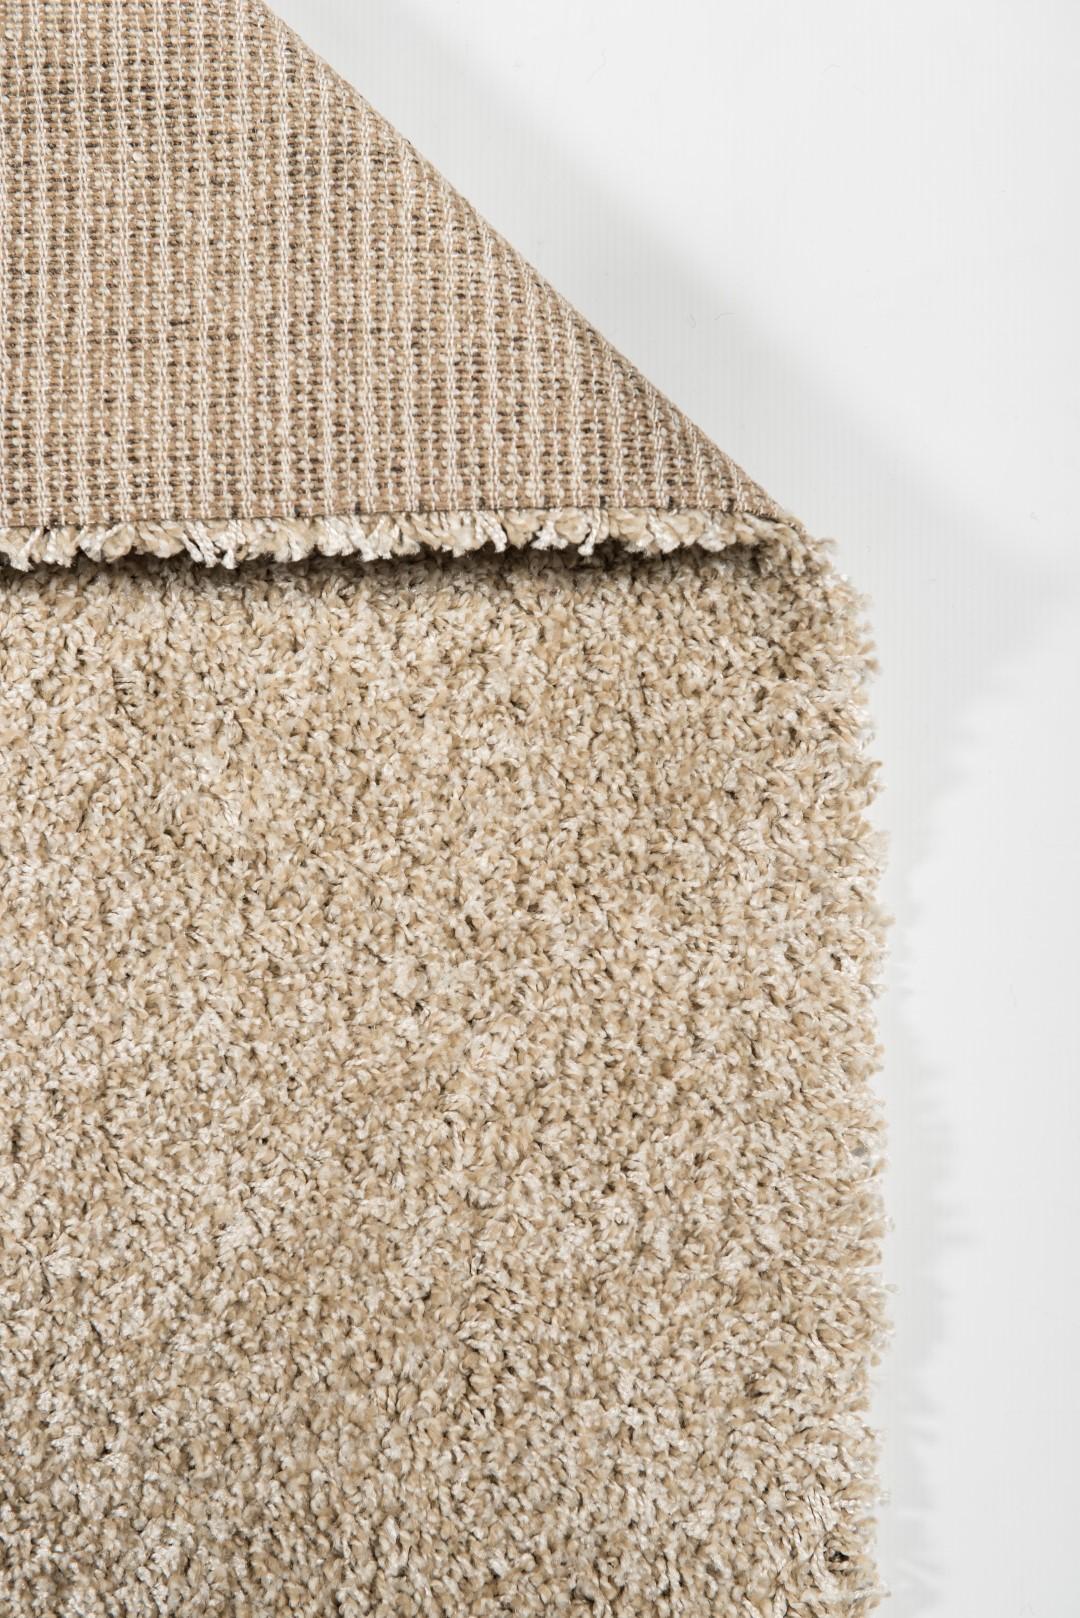 Melange high pile carpet Denim - WHT